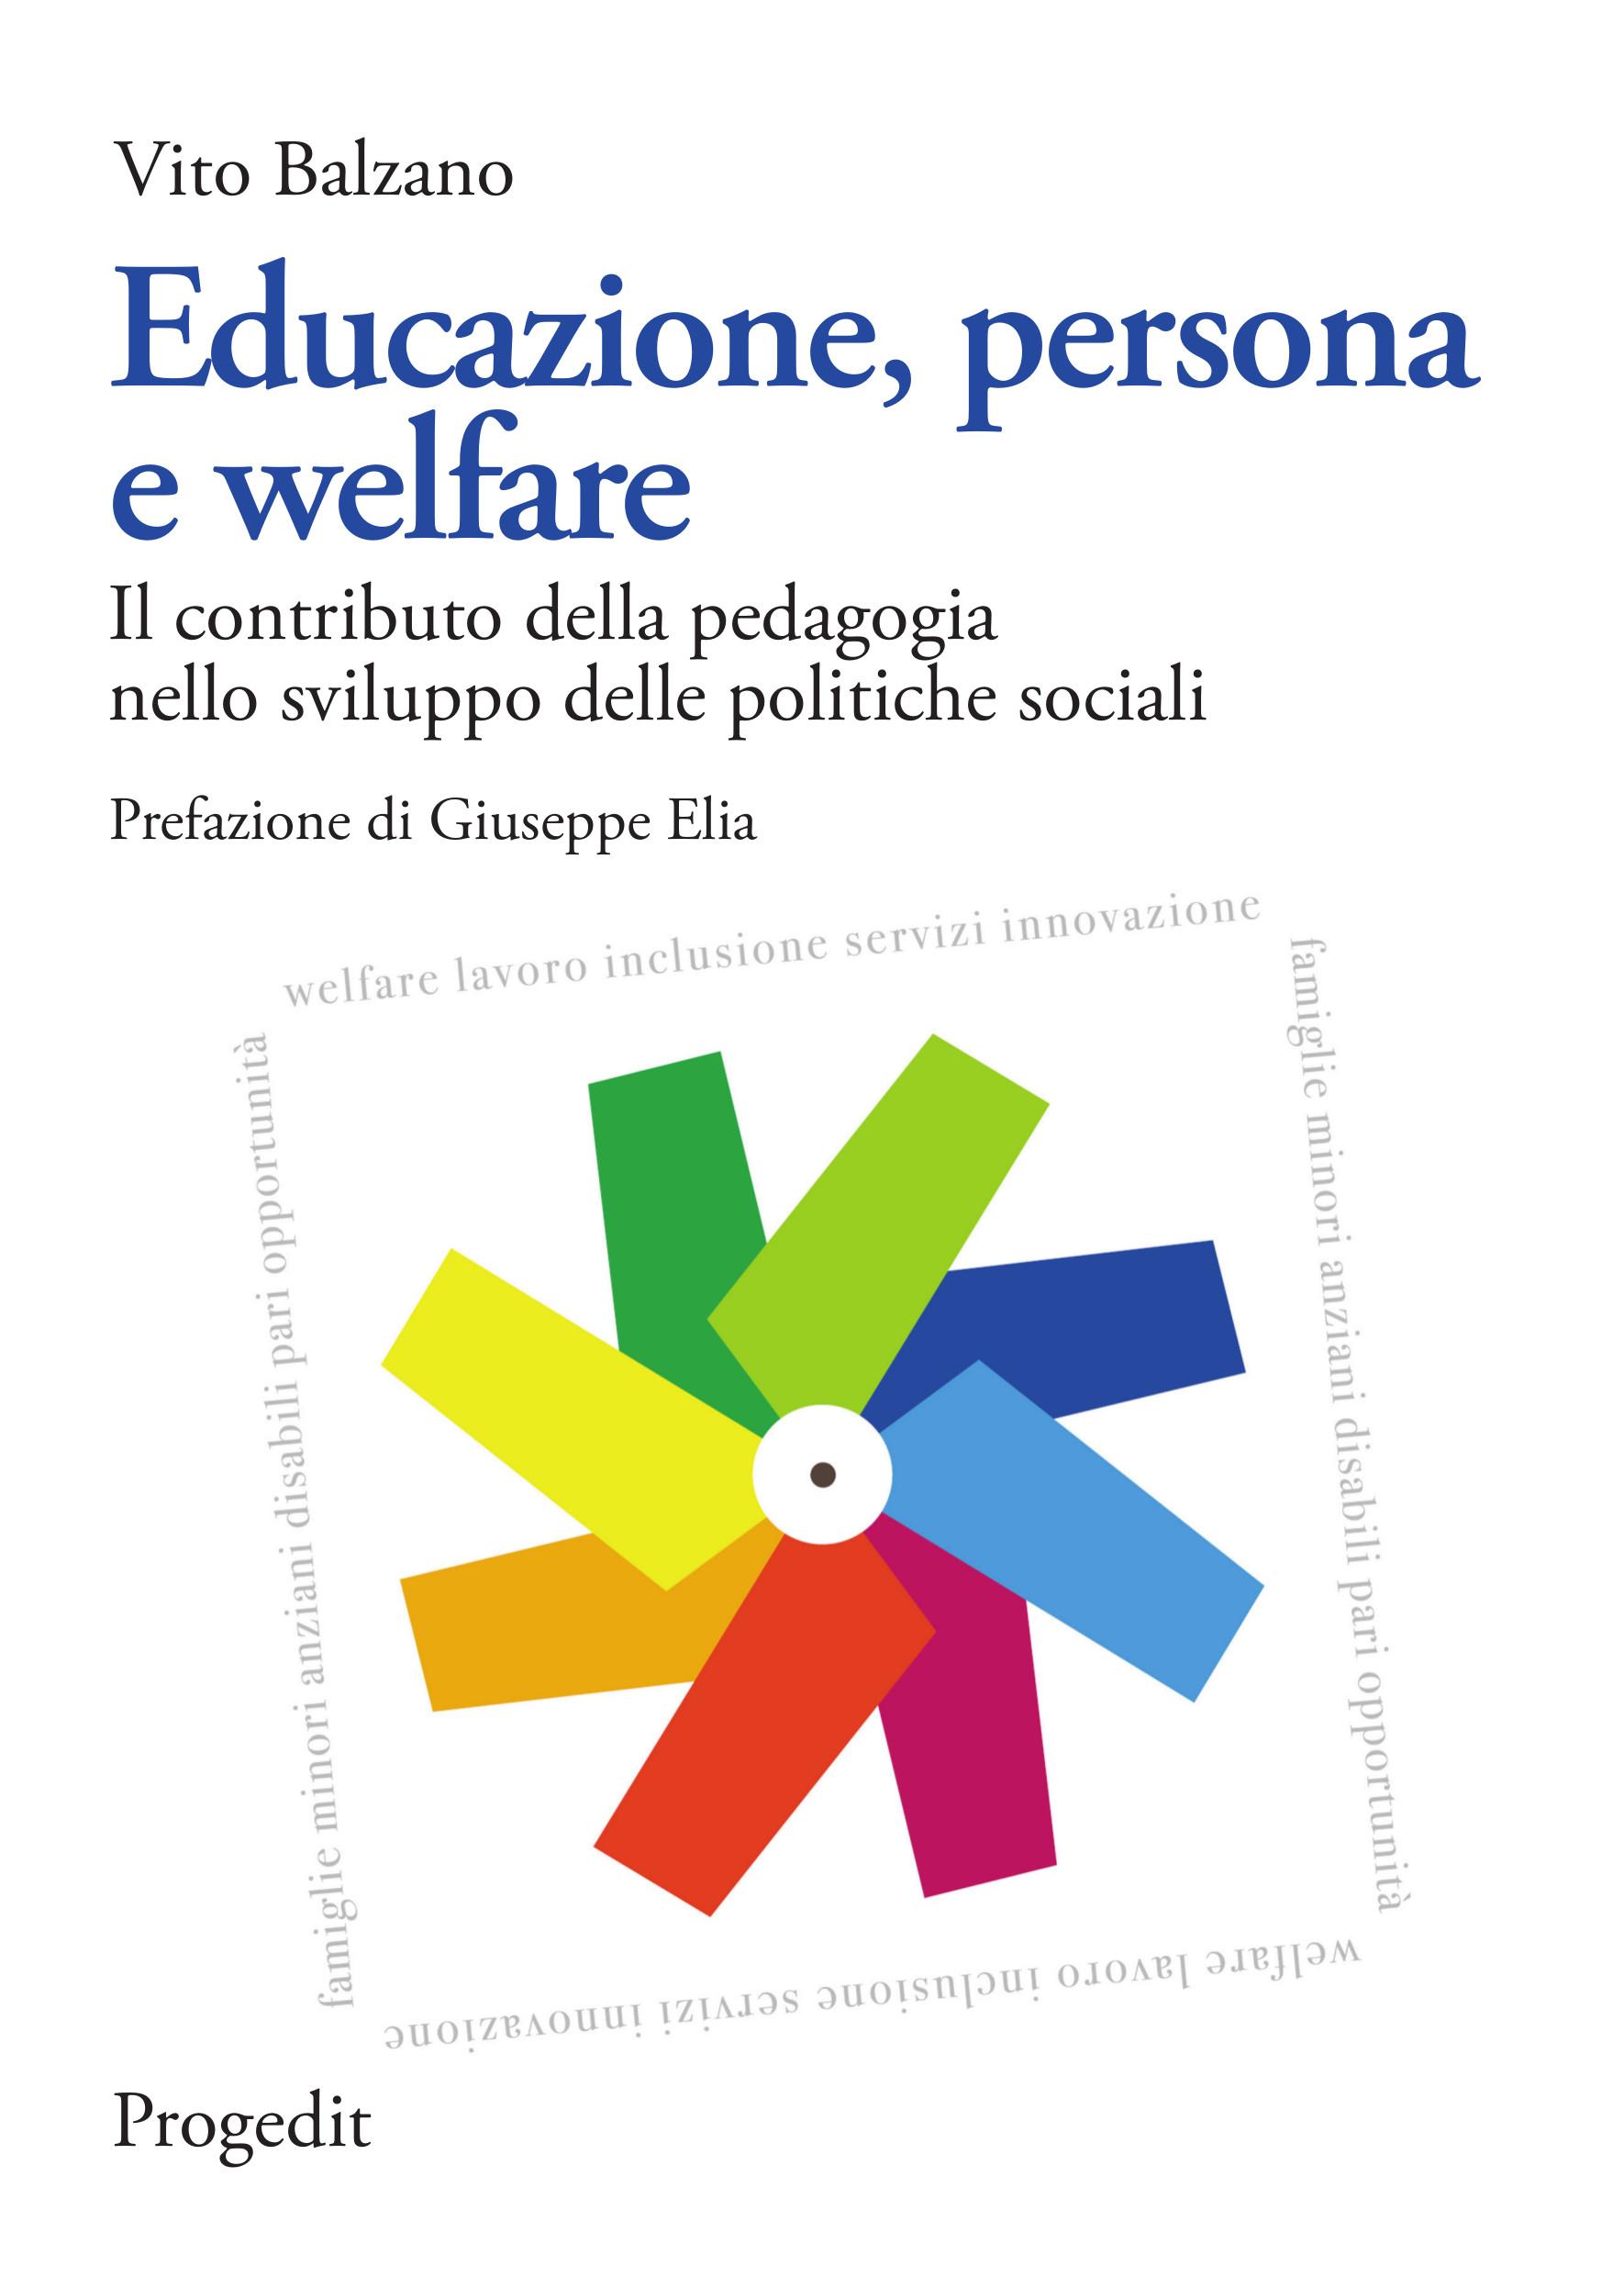 educazione-persona-welfare